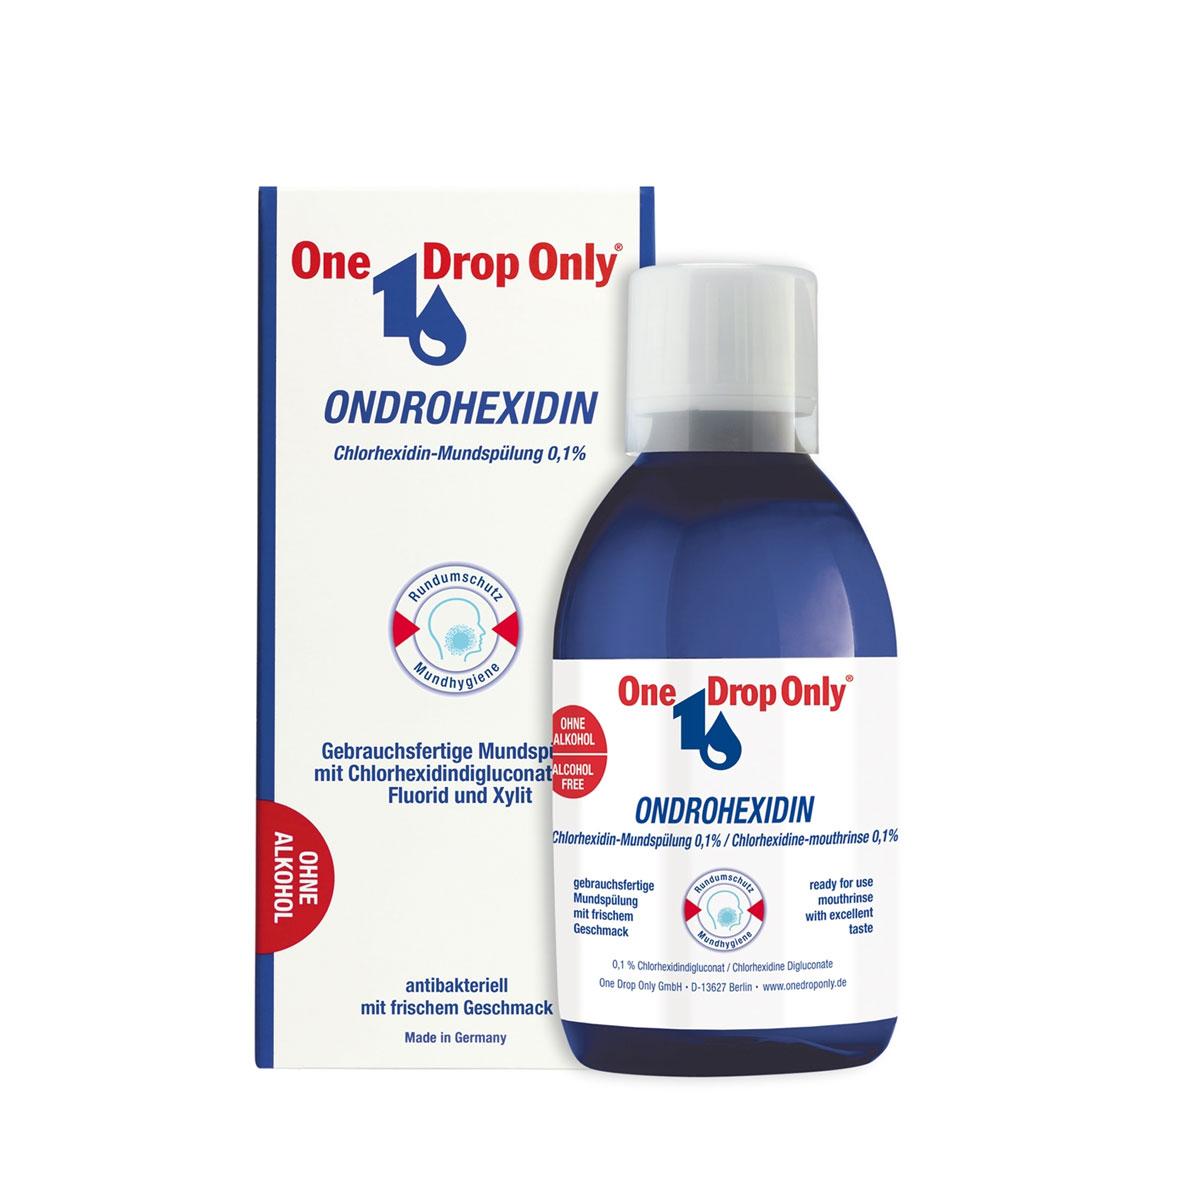 One Drop Only Ополаскиватель полости рта с хлоргексидином, 250 мл